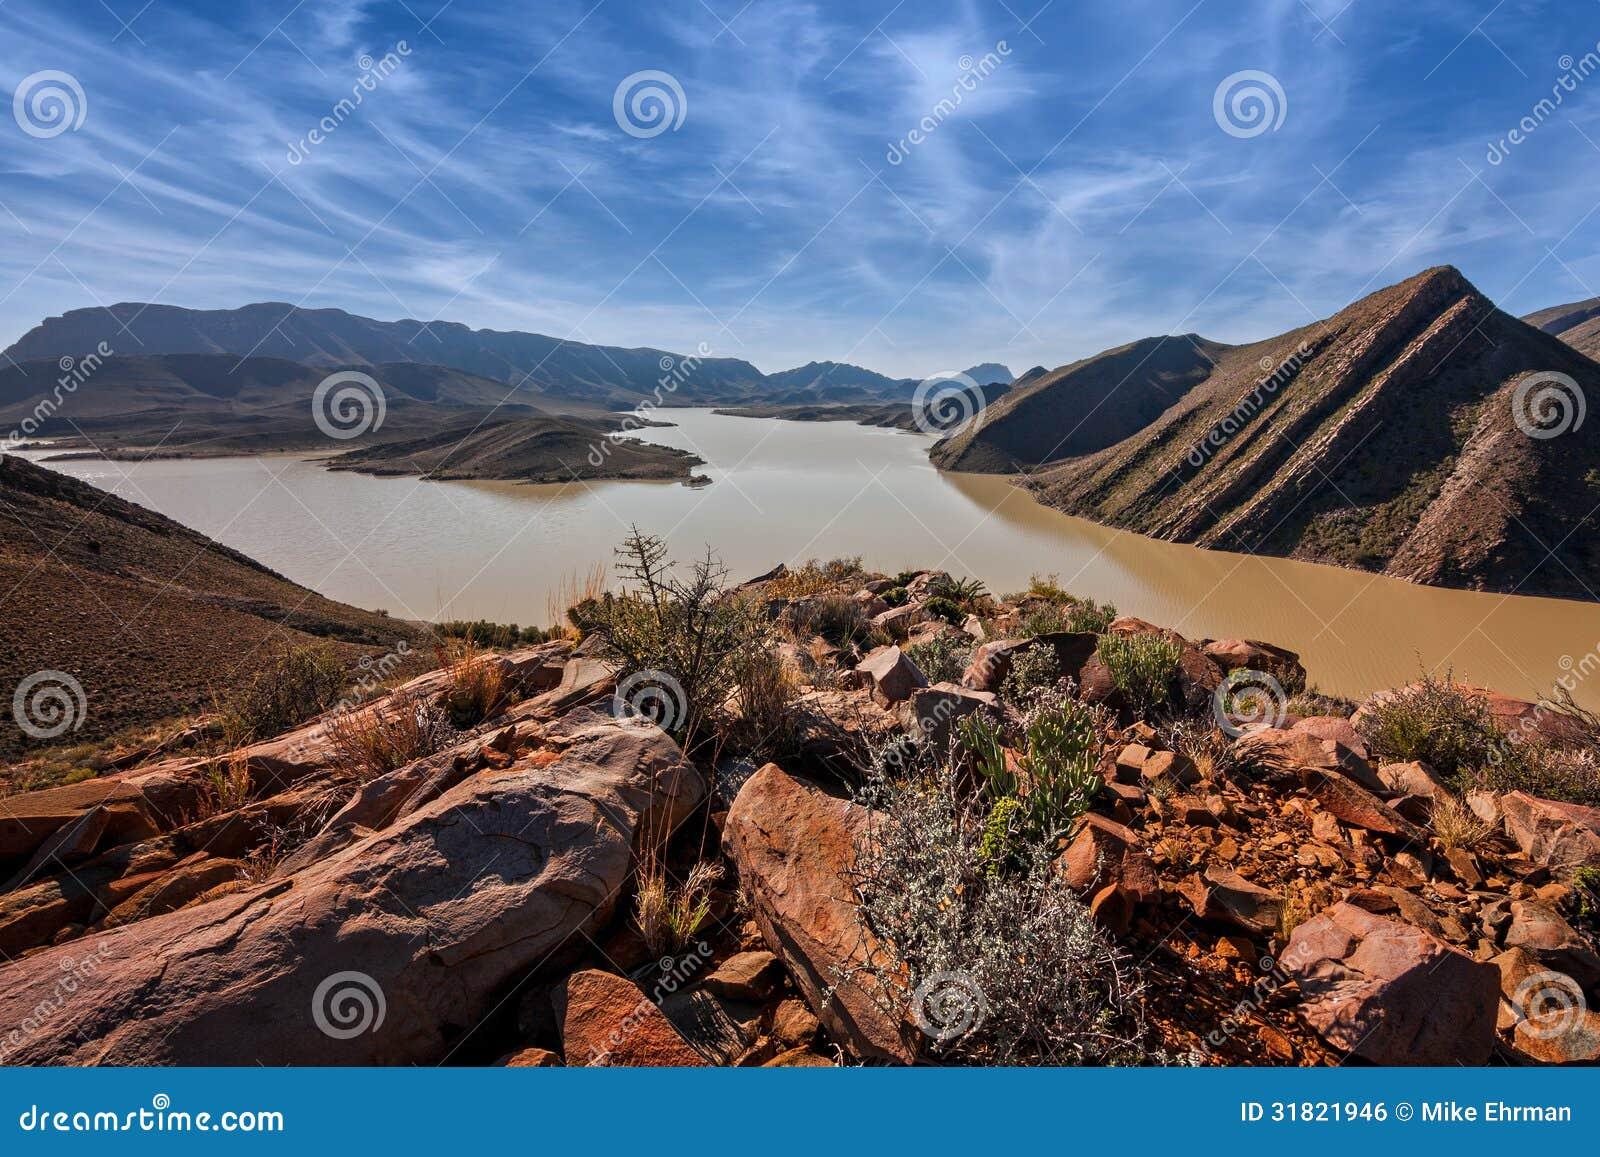 Arid Desert Download